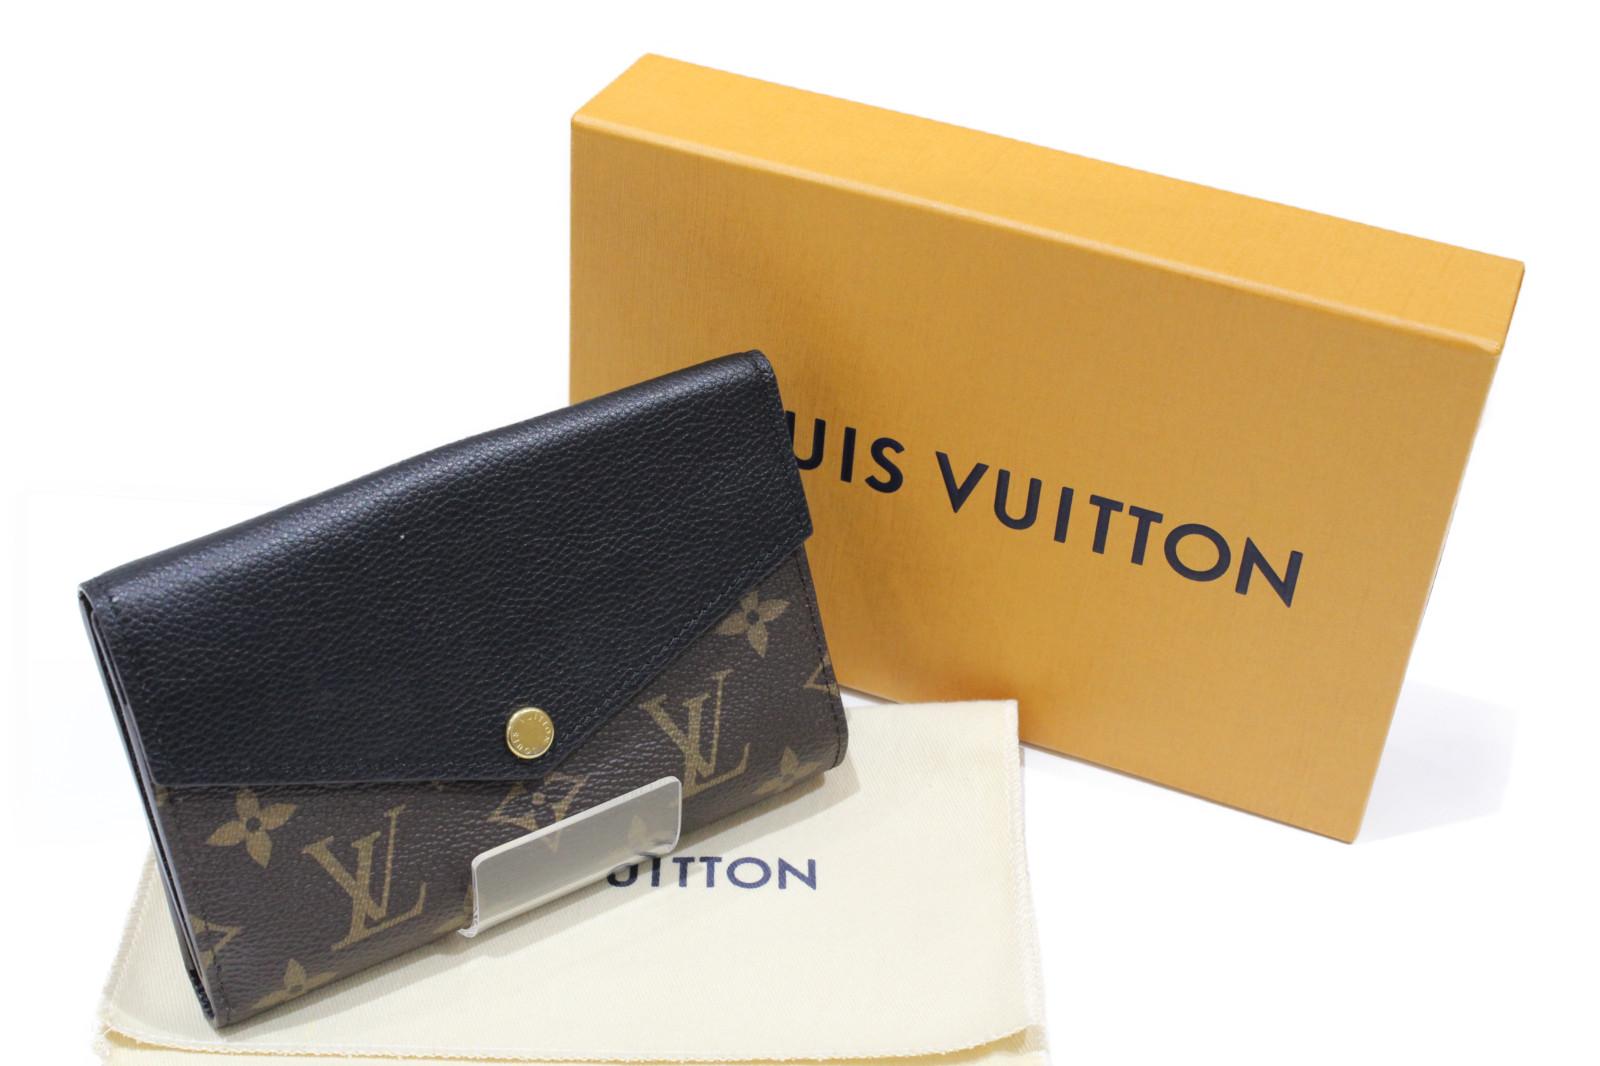 LOUIS VUITTON ルイヴィトン ポルトフォイユ・パラスコンパクト M60990 モノグラム ノワール 折り財布 レディース メンズ ウィメンズ【中古】